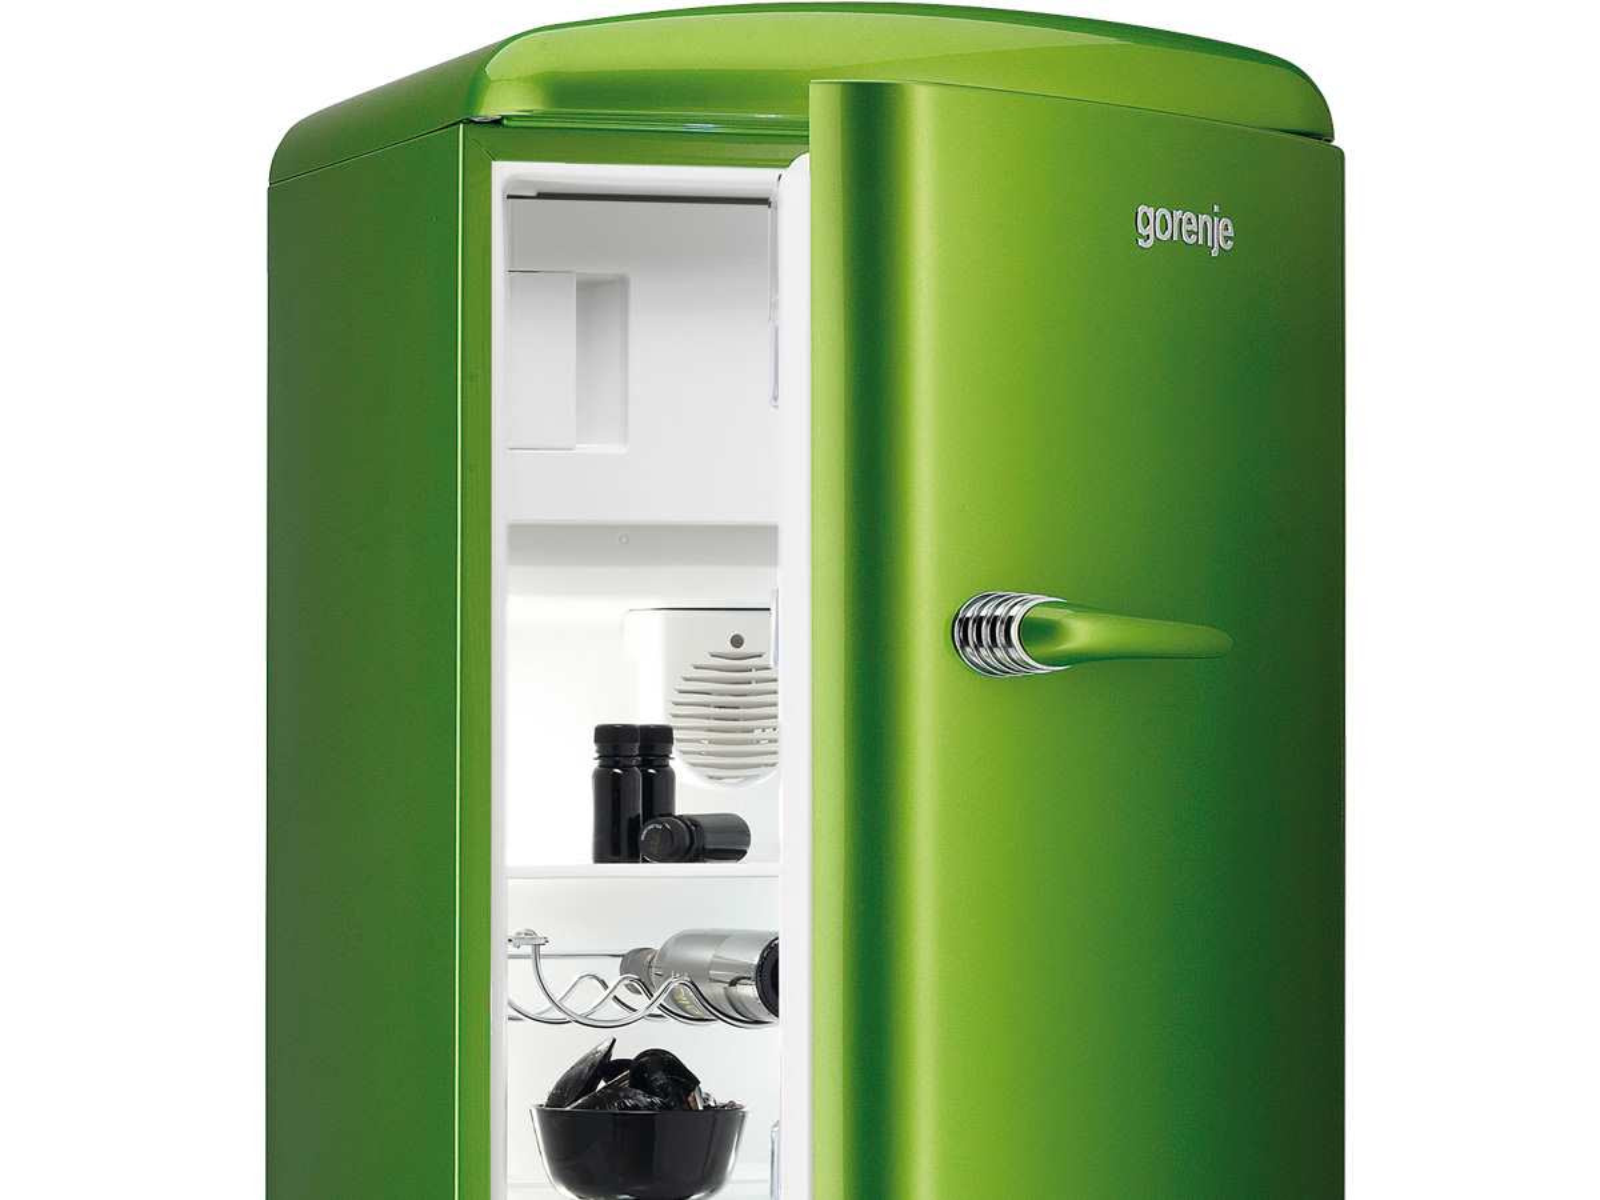 Retro Kühlschrank Yoga : Retro kühlschrank grün: kühlschränke online auf rechnung raten